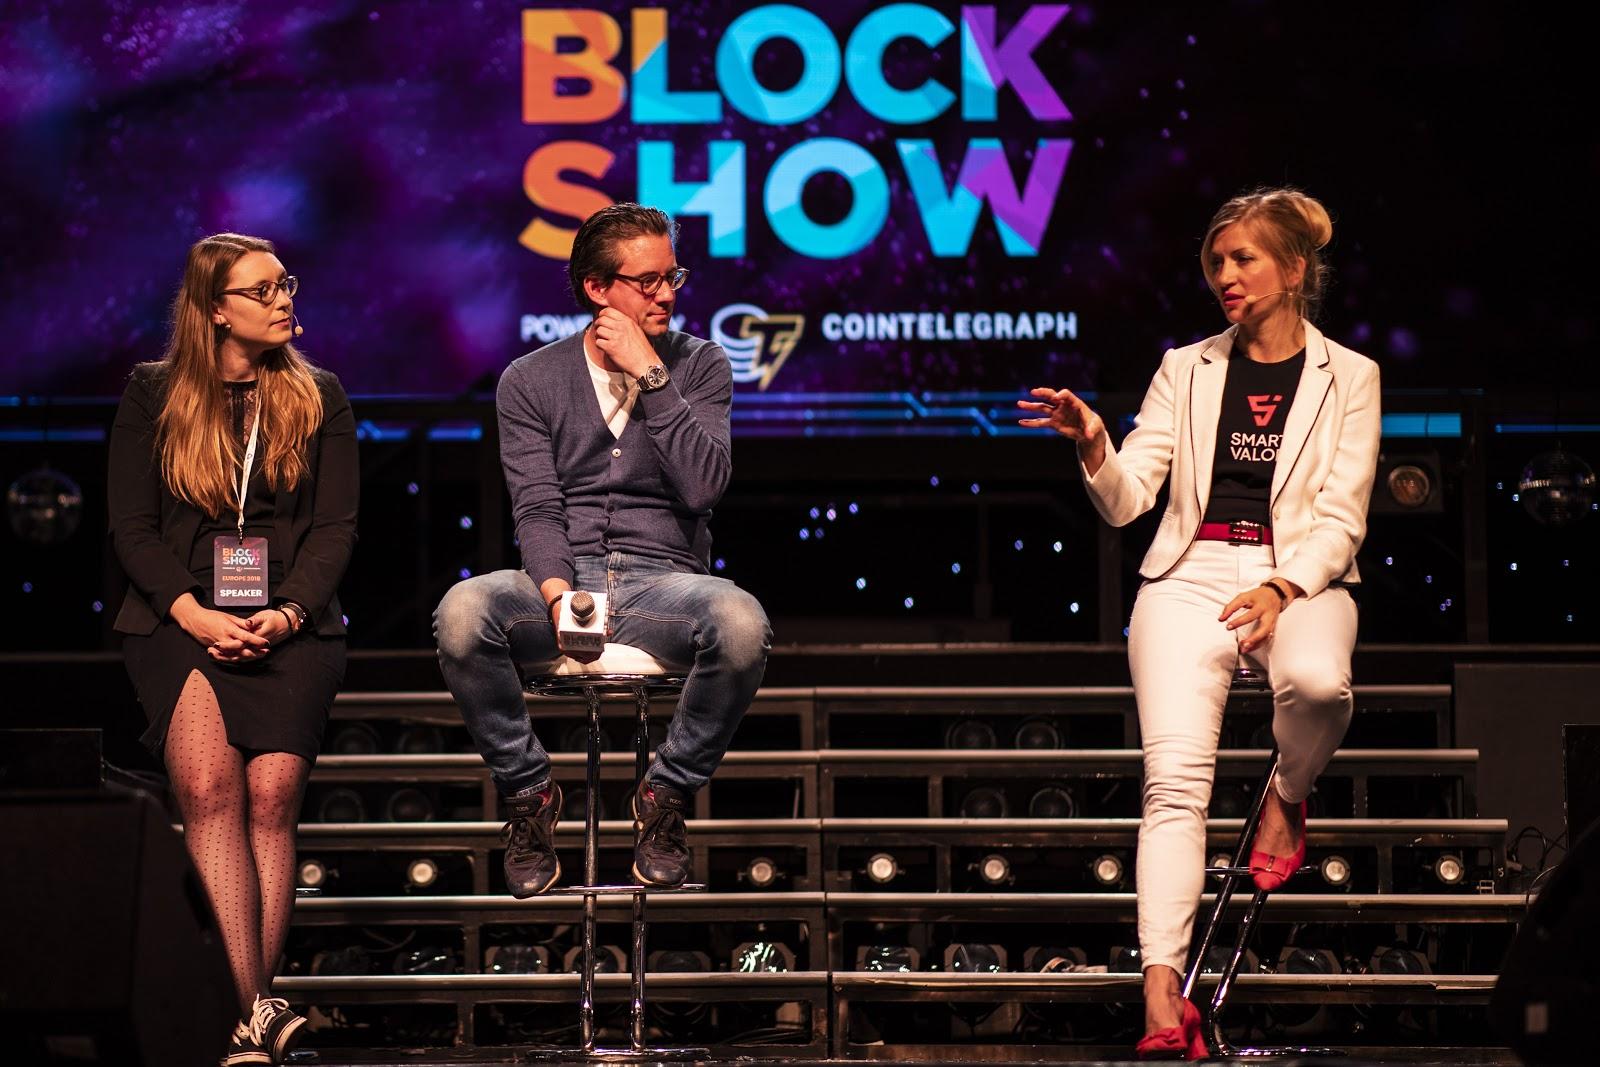 Sarah Jordi, Marc P. Bernegger, and Olga Feldmeier at BlockShow Europe